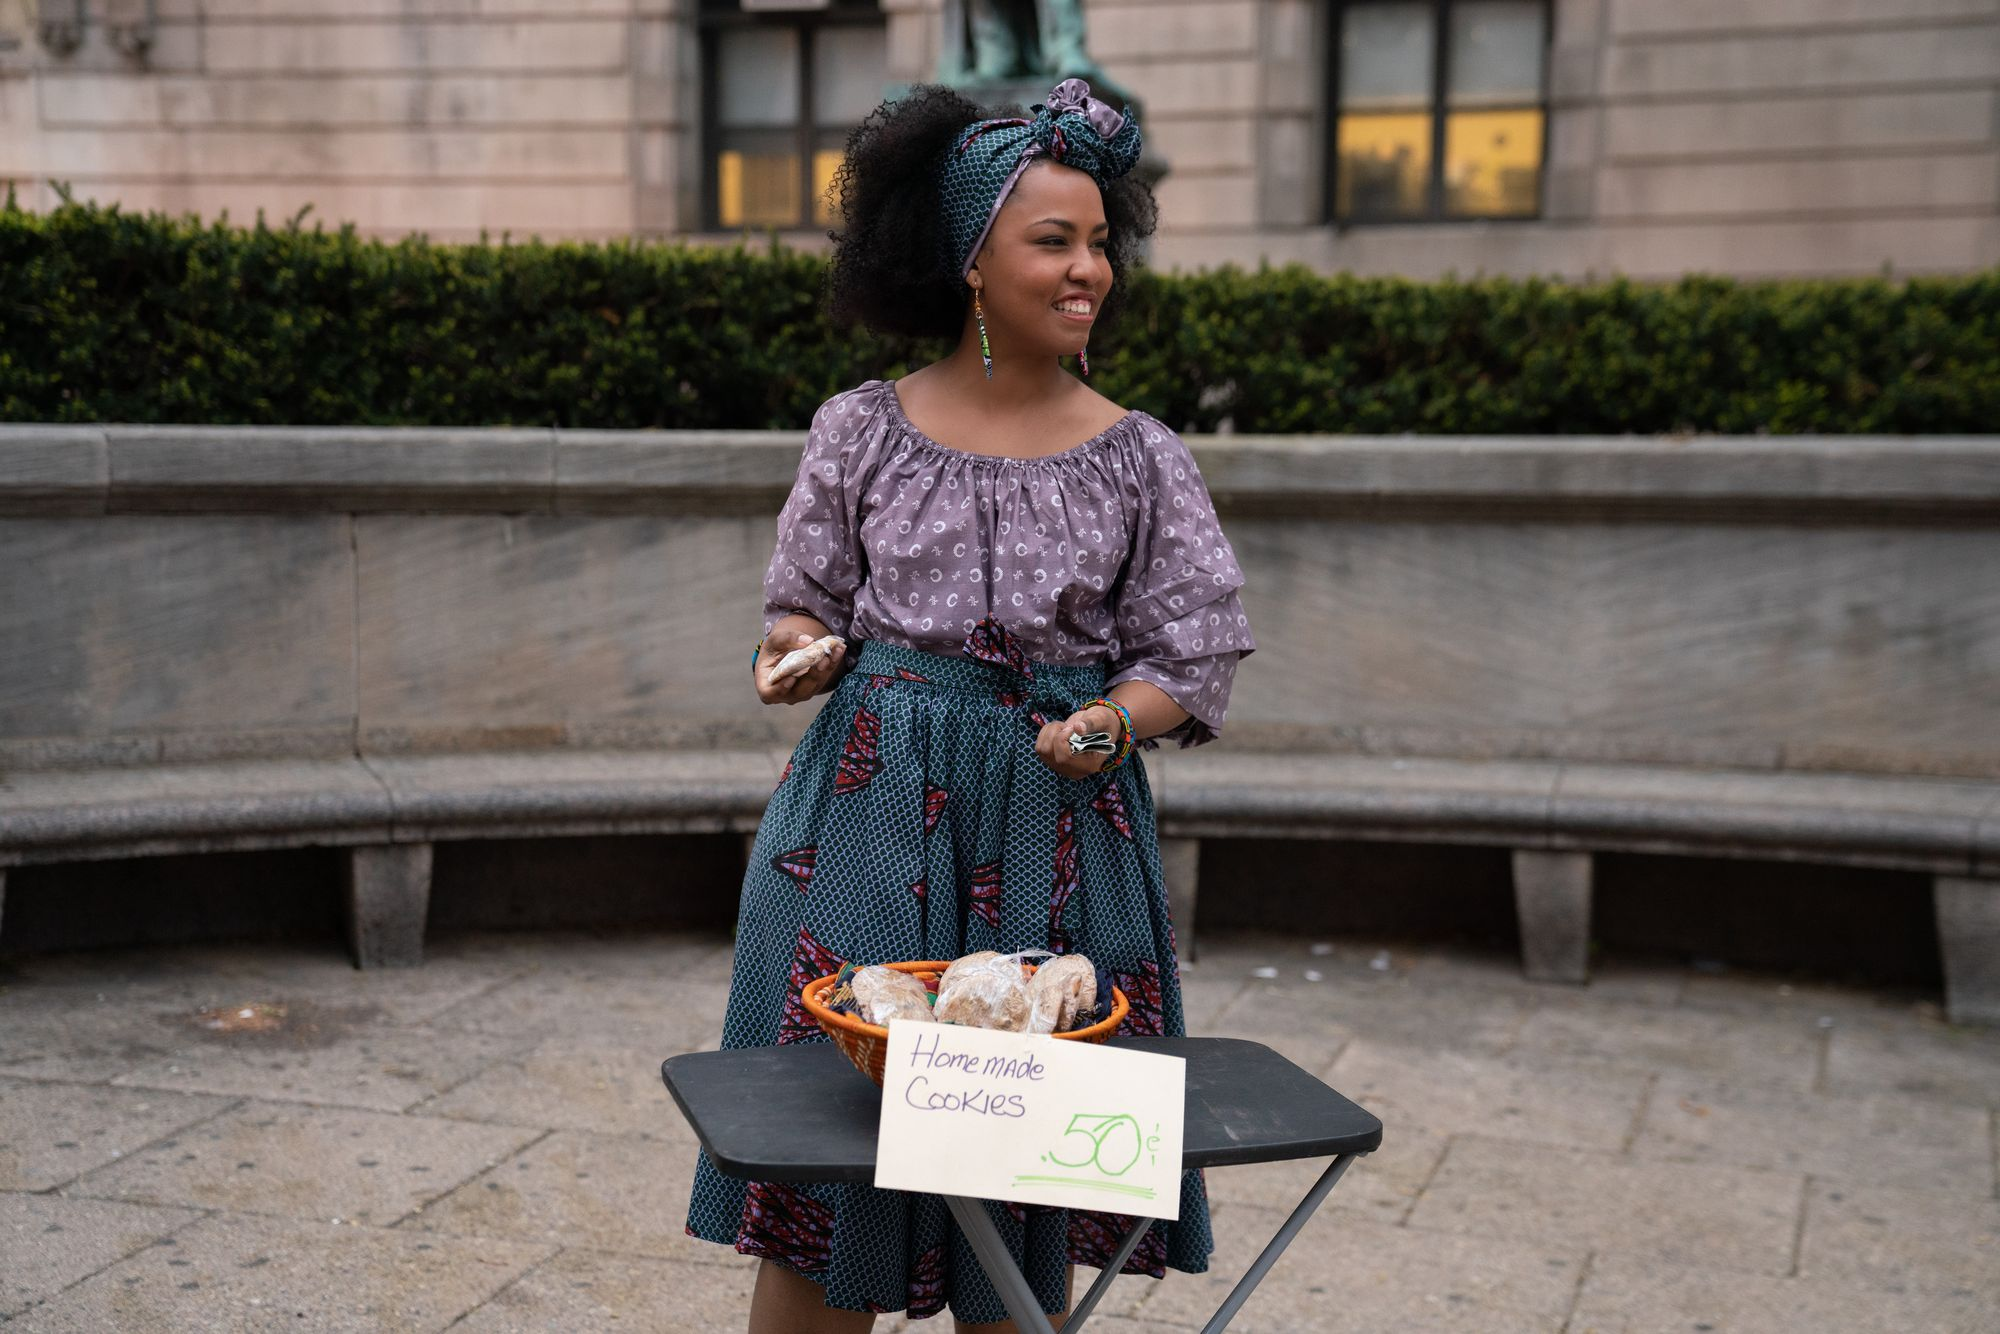 EP06/《The Baker》:Beatrice 在烏干達有 22 個兄弟姊妹,她是家中唯一一個得以離開家鄉來到美國讀大學的人。她希望透過販賣自己的朱古力曲奇,逐步實現自己的美國夢。